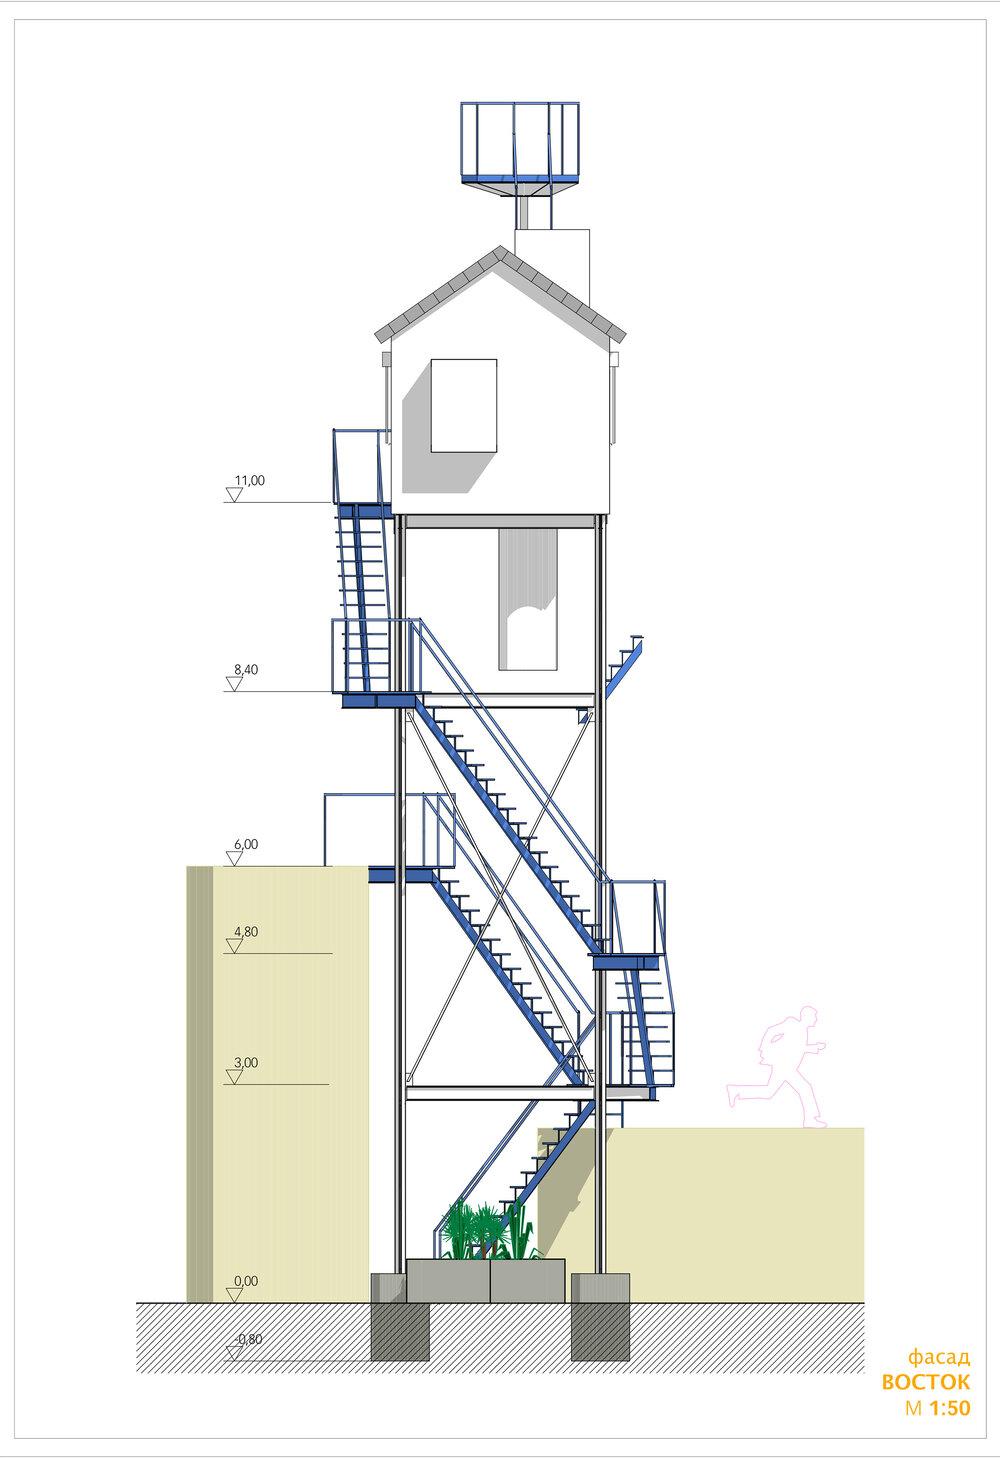 Візуалізація проєкту. Зроблена архітекторкою Анною Бажановою, 2017